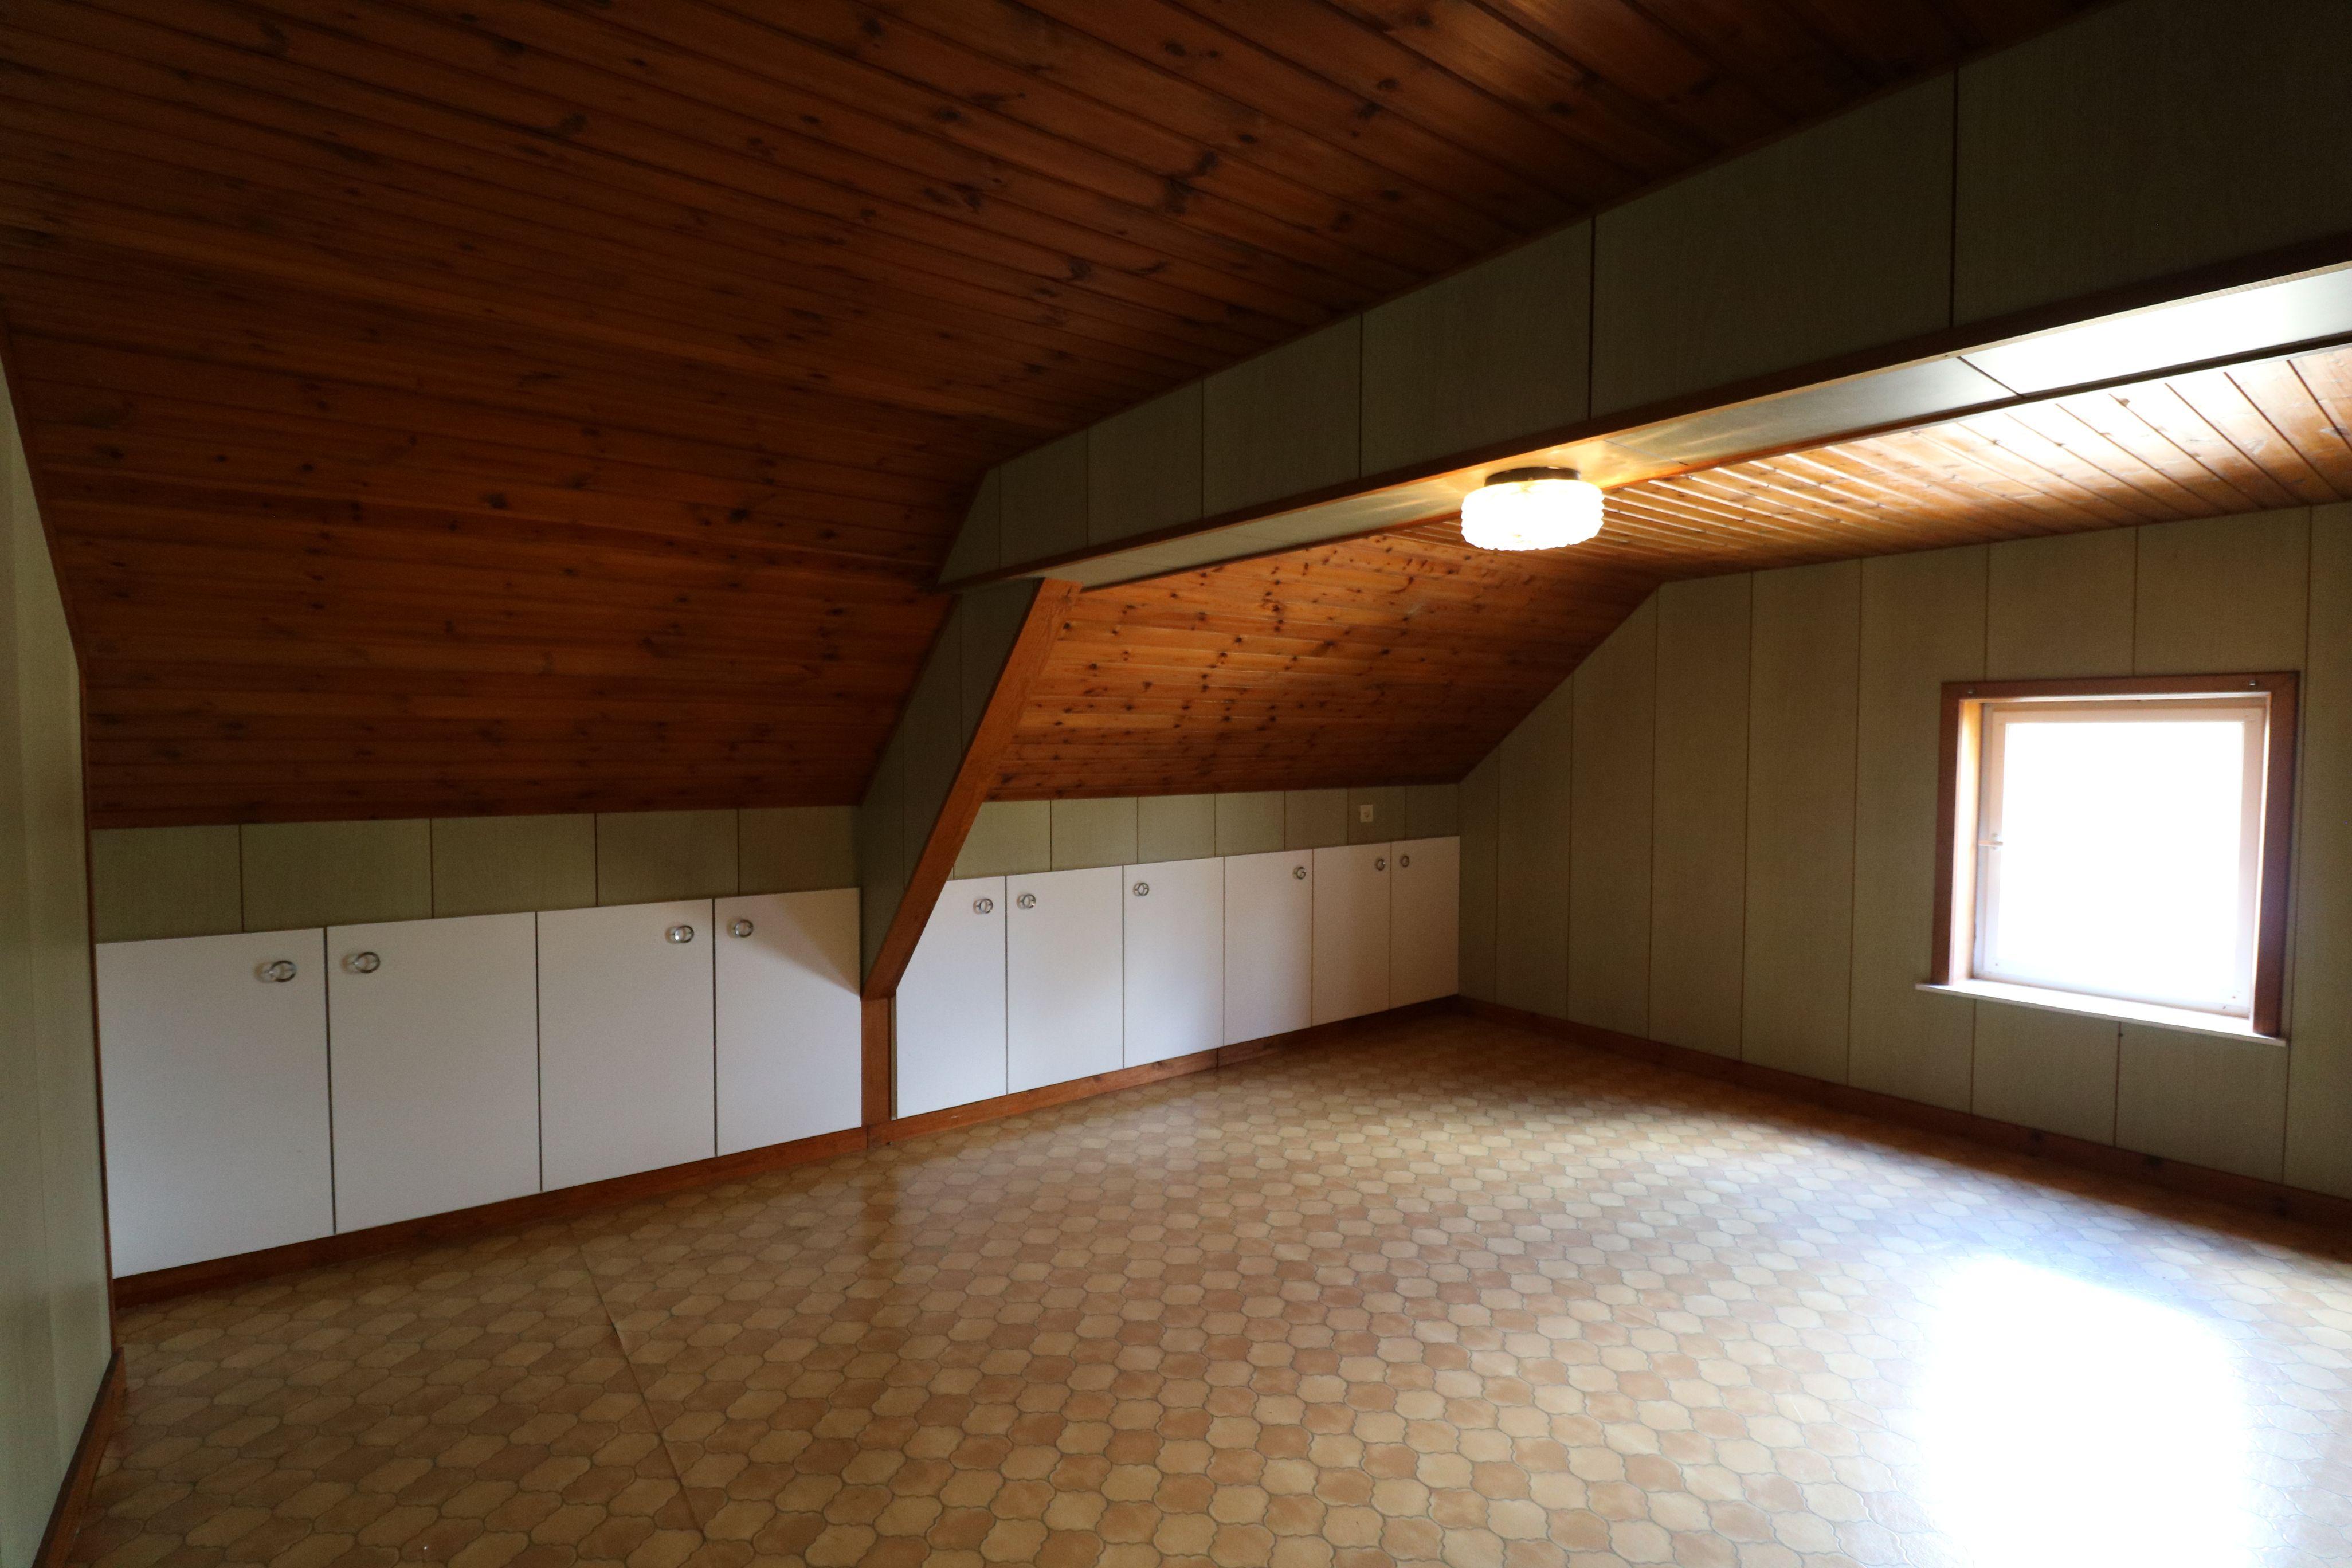 Zolderkamer 3